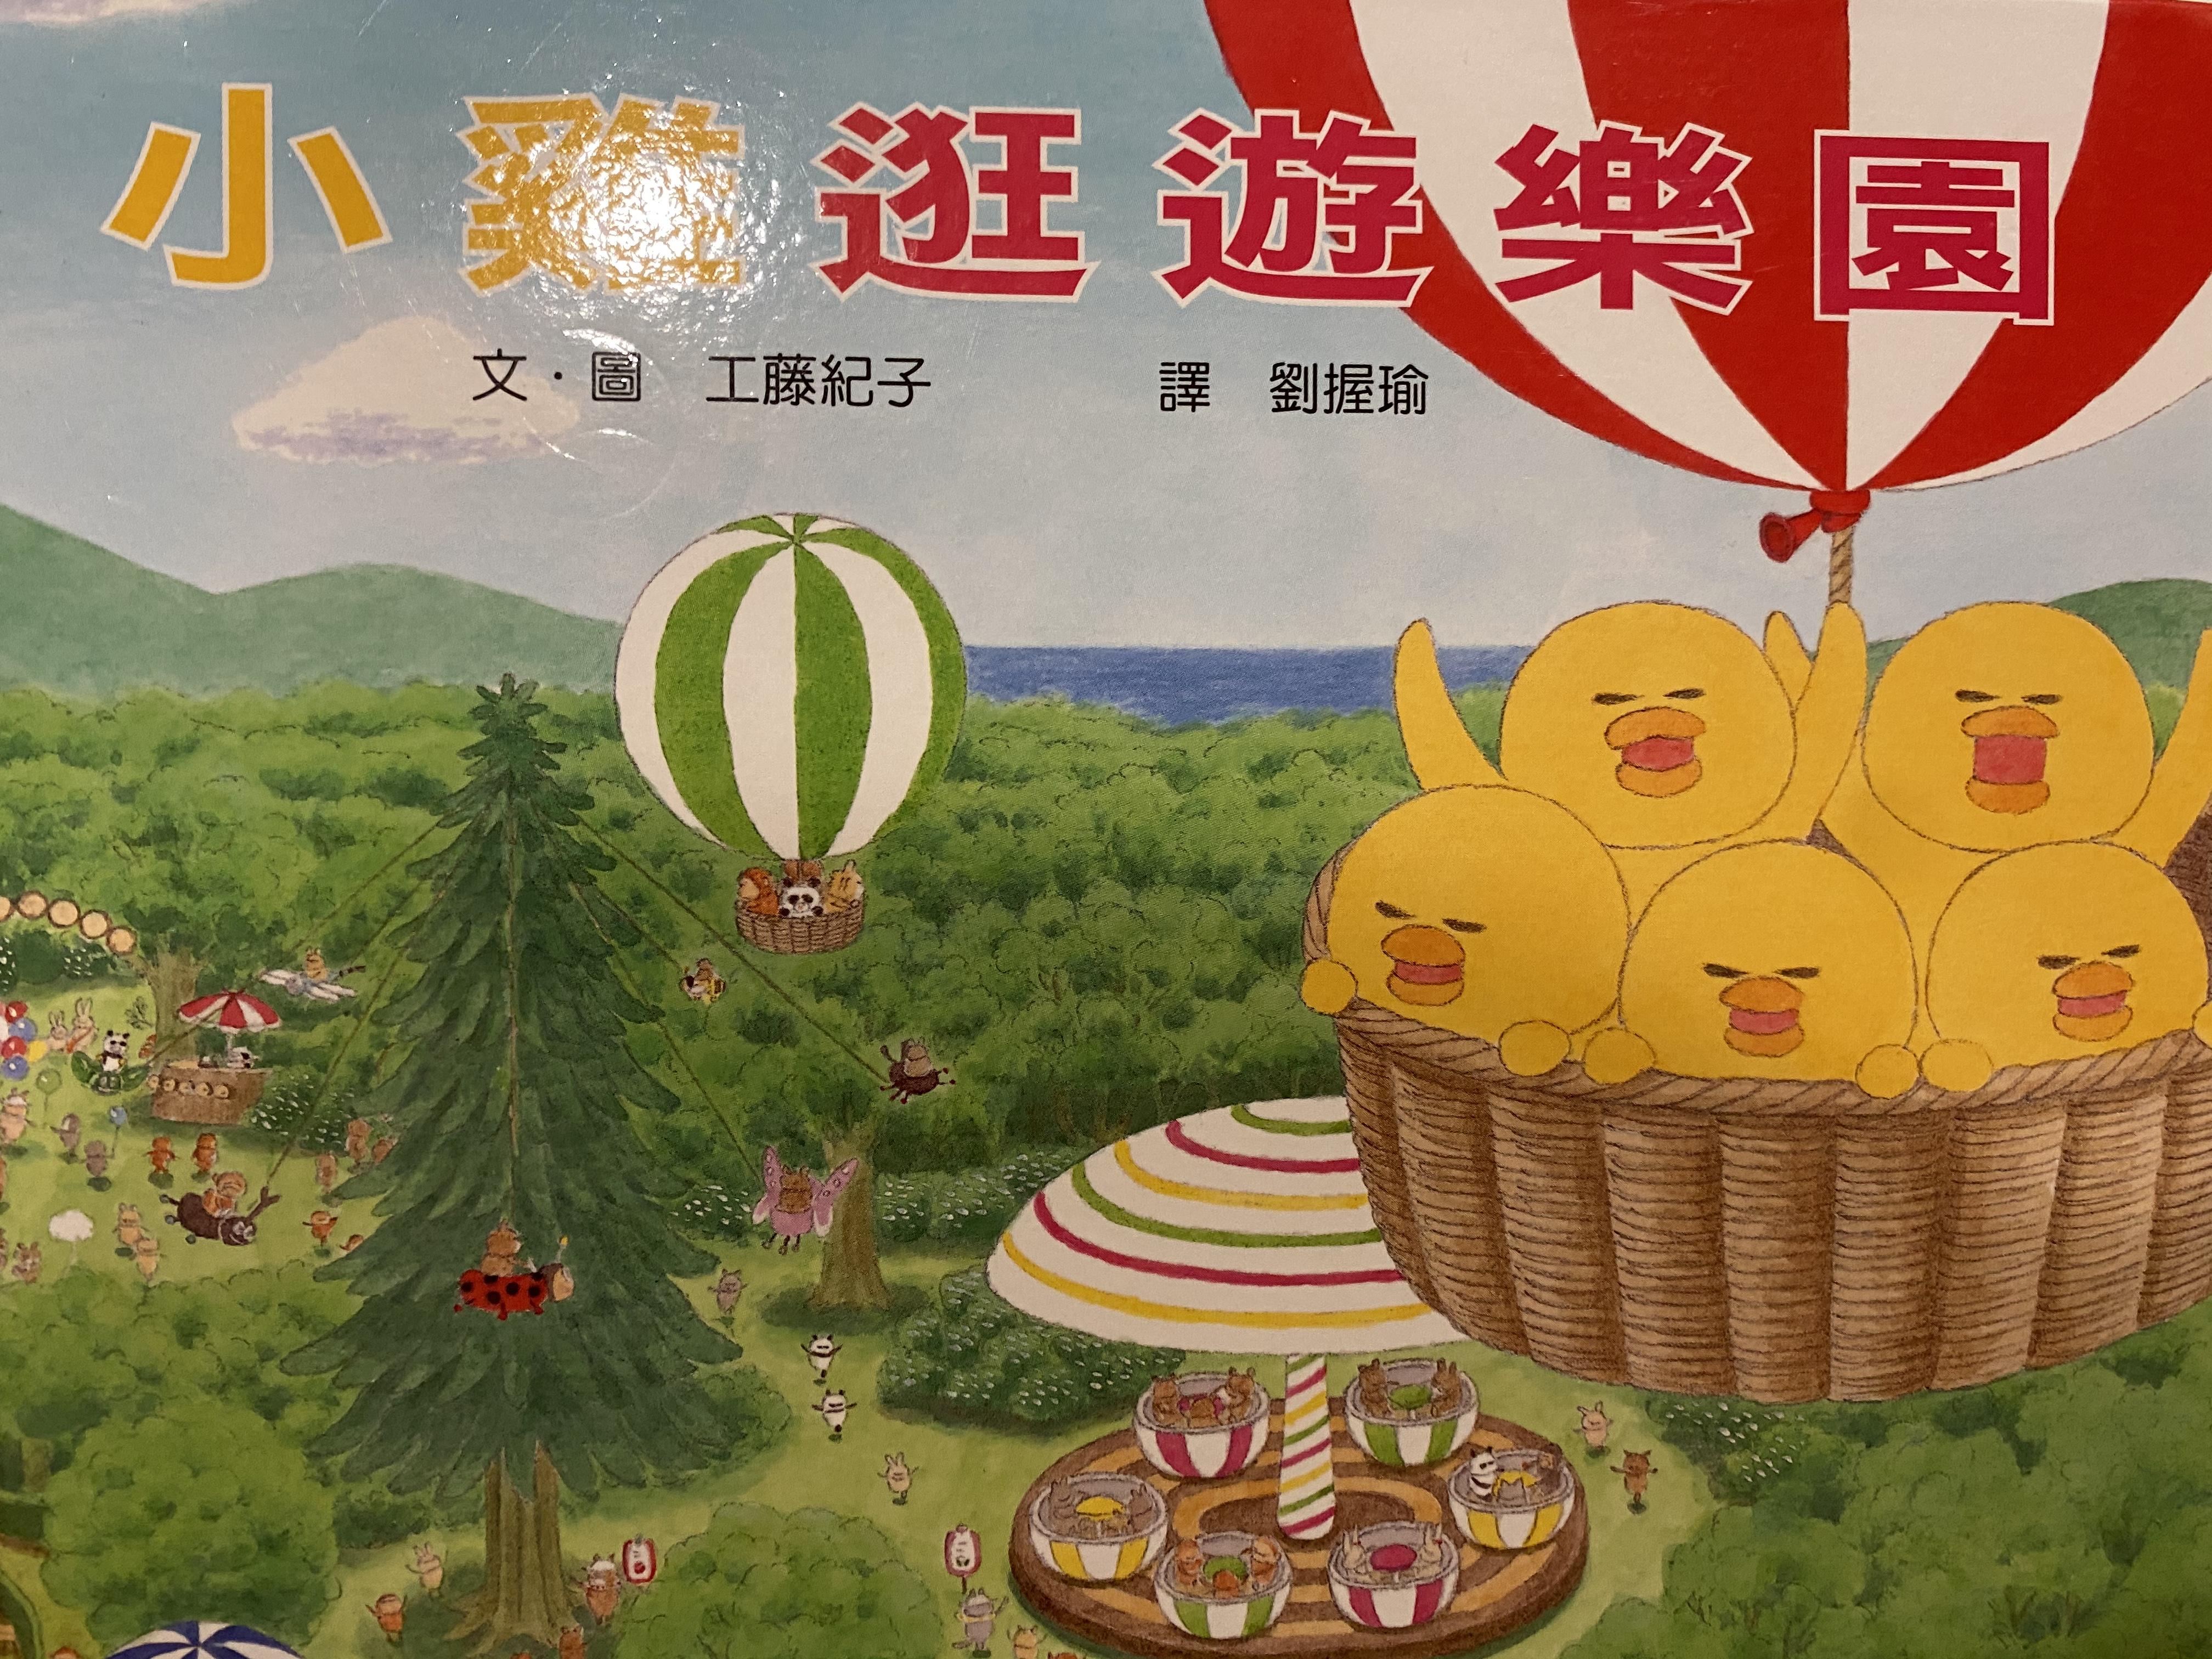 S3-100/ 小雞逛遊樂園/ 作 繪者 工藤紀子/ 譯者 黃惠綺/ 小魯寶寶書